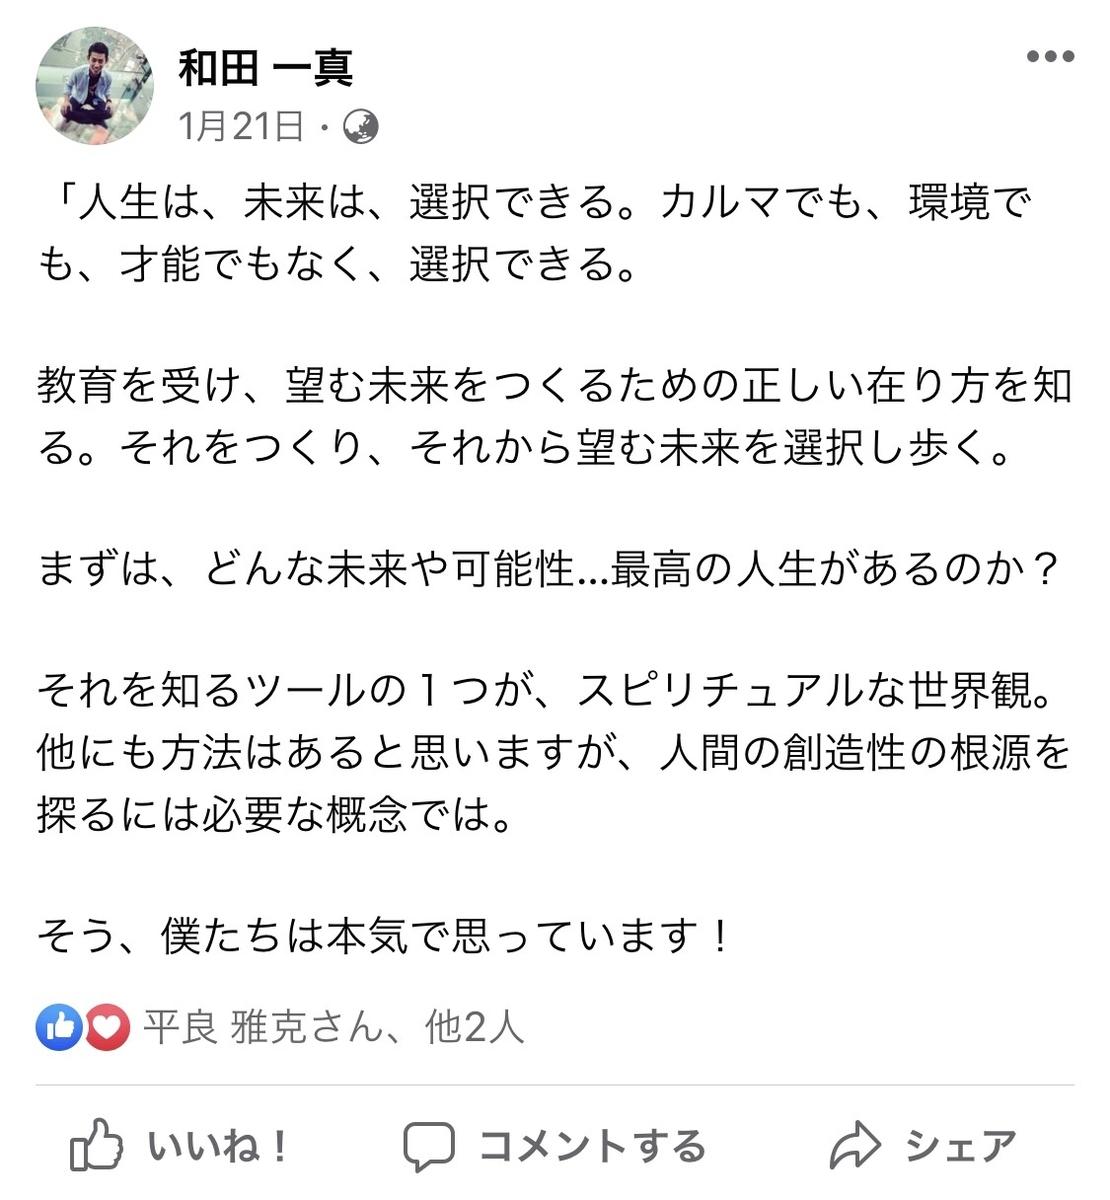 f:id:wadakazuma:20210511175214j:plain